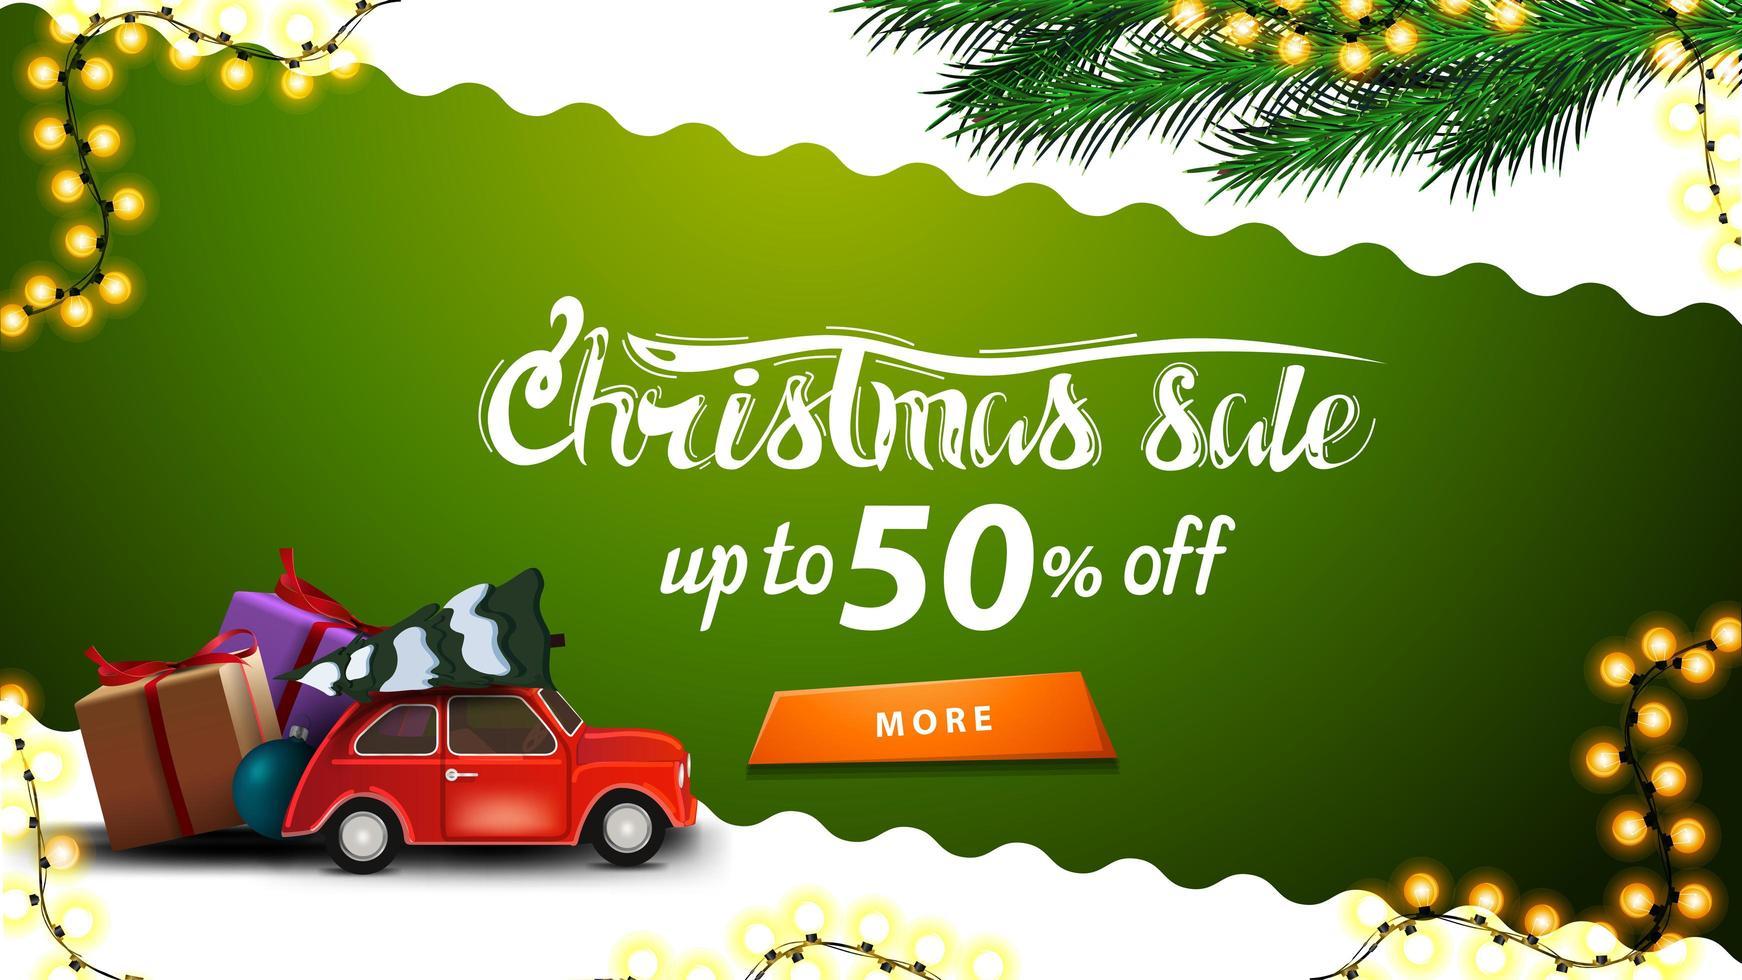 Weihnachtsverkauf, bis zu 50 Rabatt, grün-weißes Rabatt-Banner mit gewellter diagonaler Linie, orangefarbenem Knopf, Weihnachtsbaumzweigen und rotem Oldtimer mit Weihnachtsbaum vektor